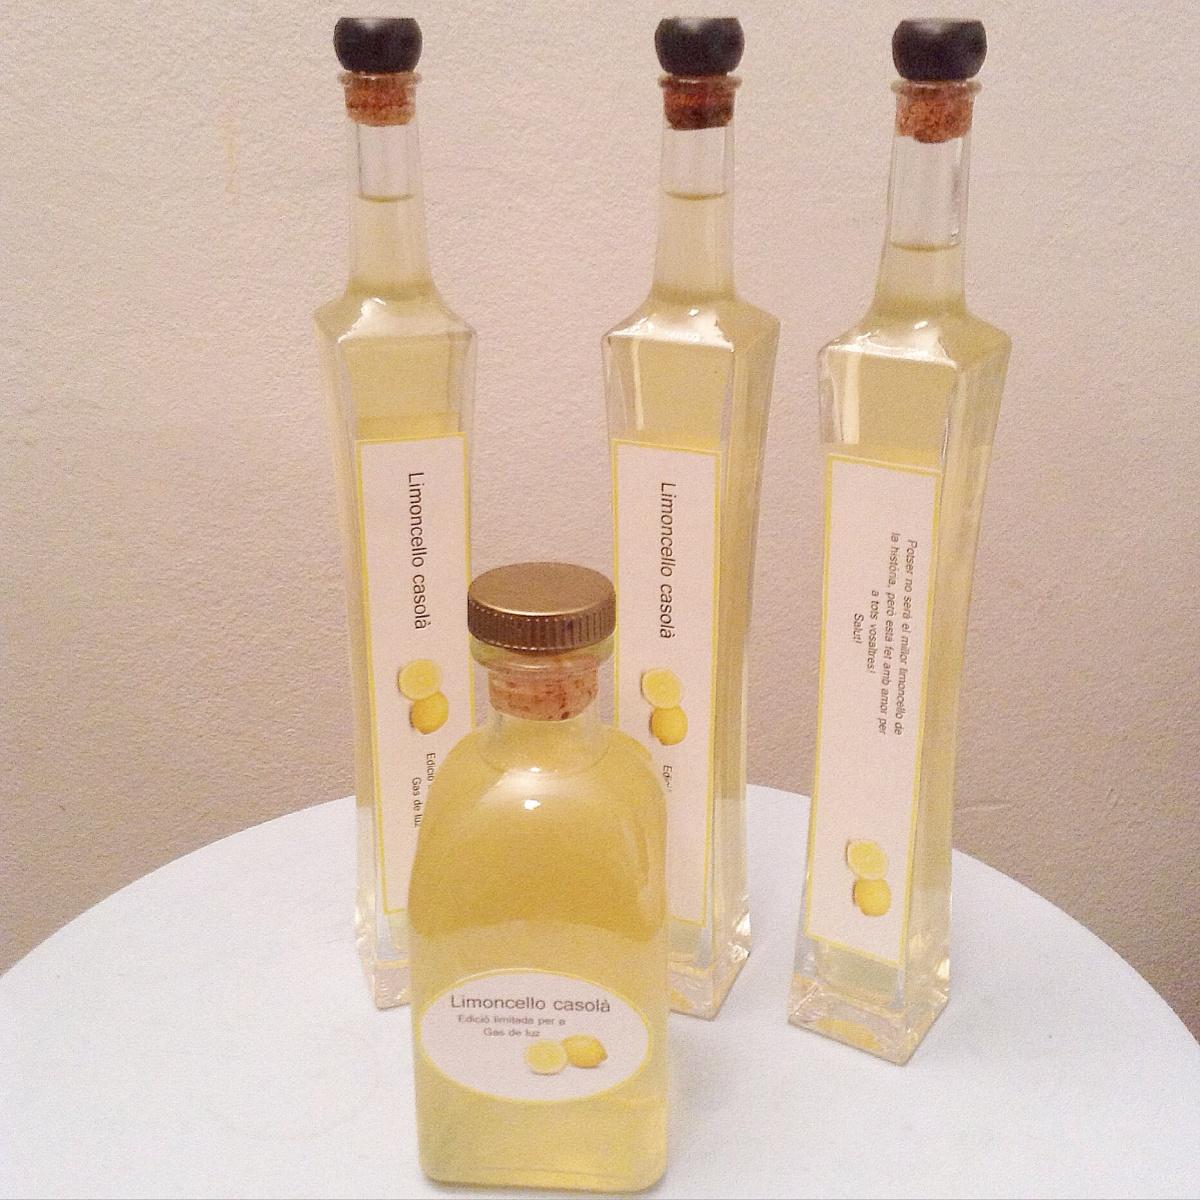 Receta de limoncello casero